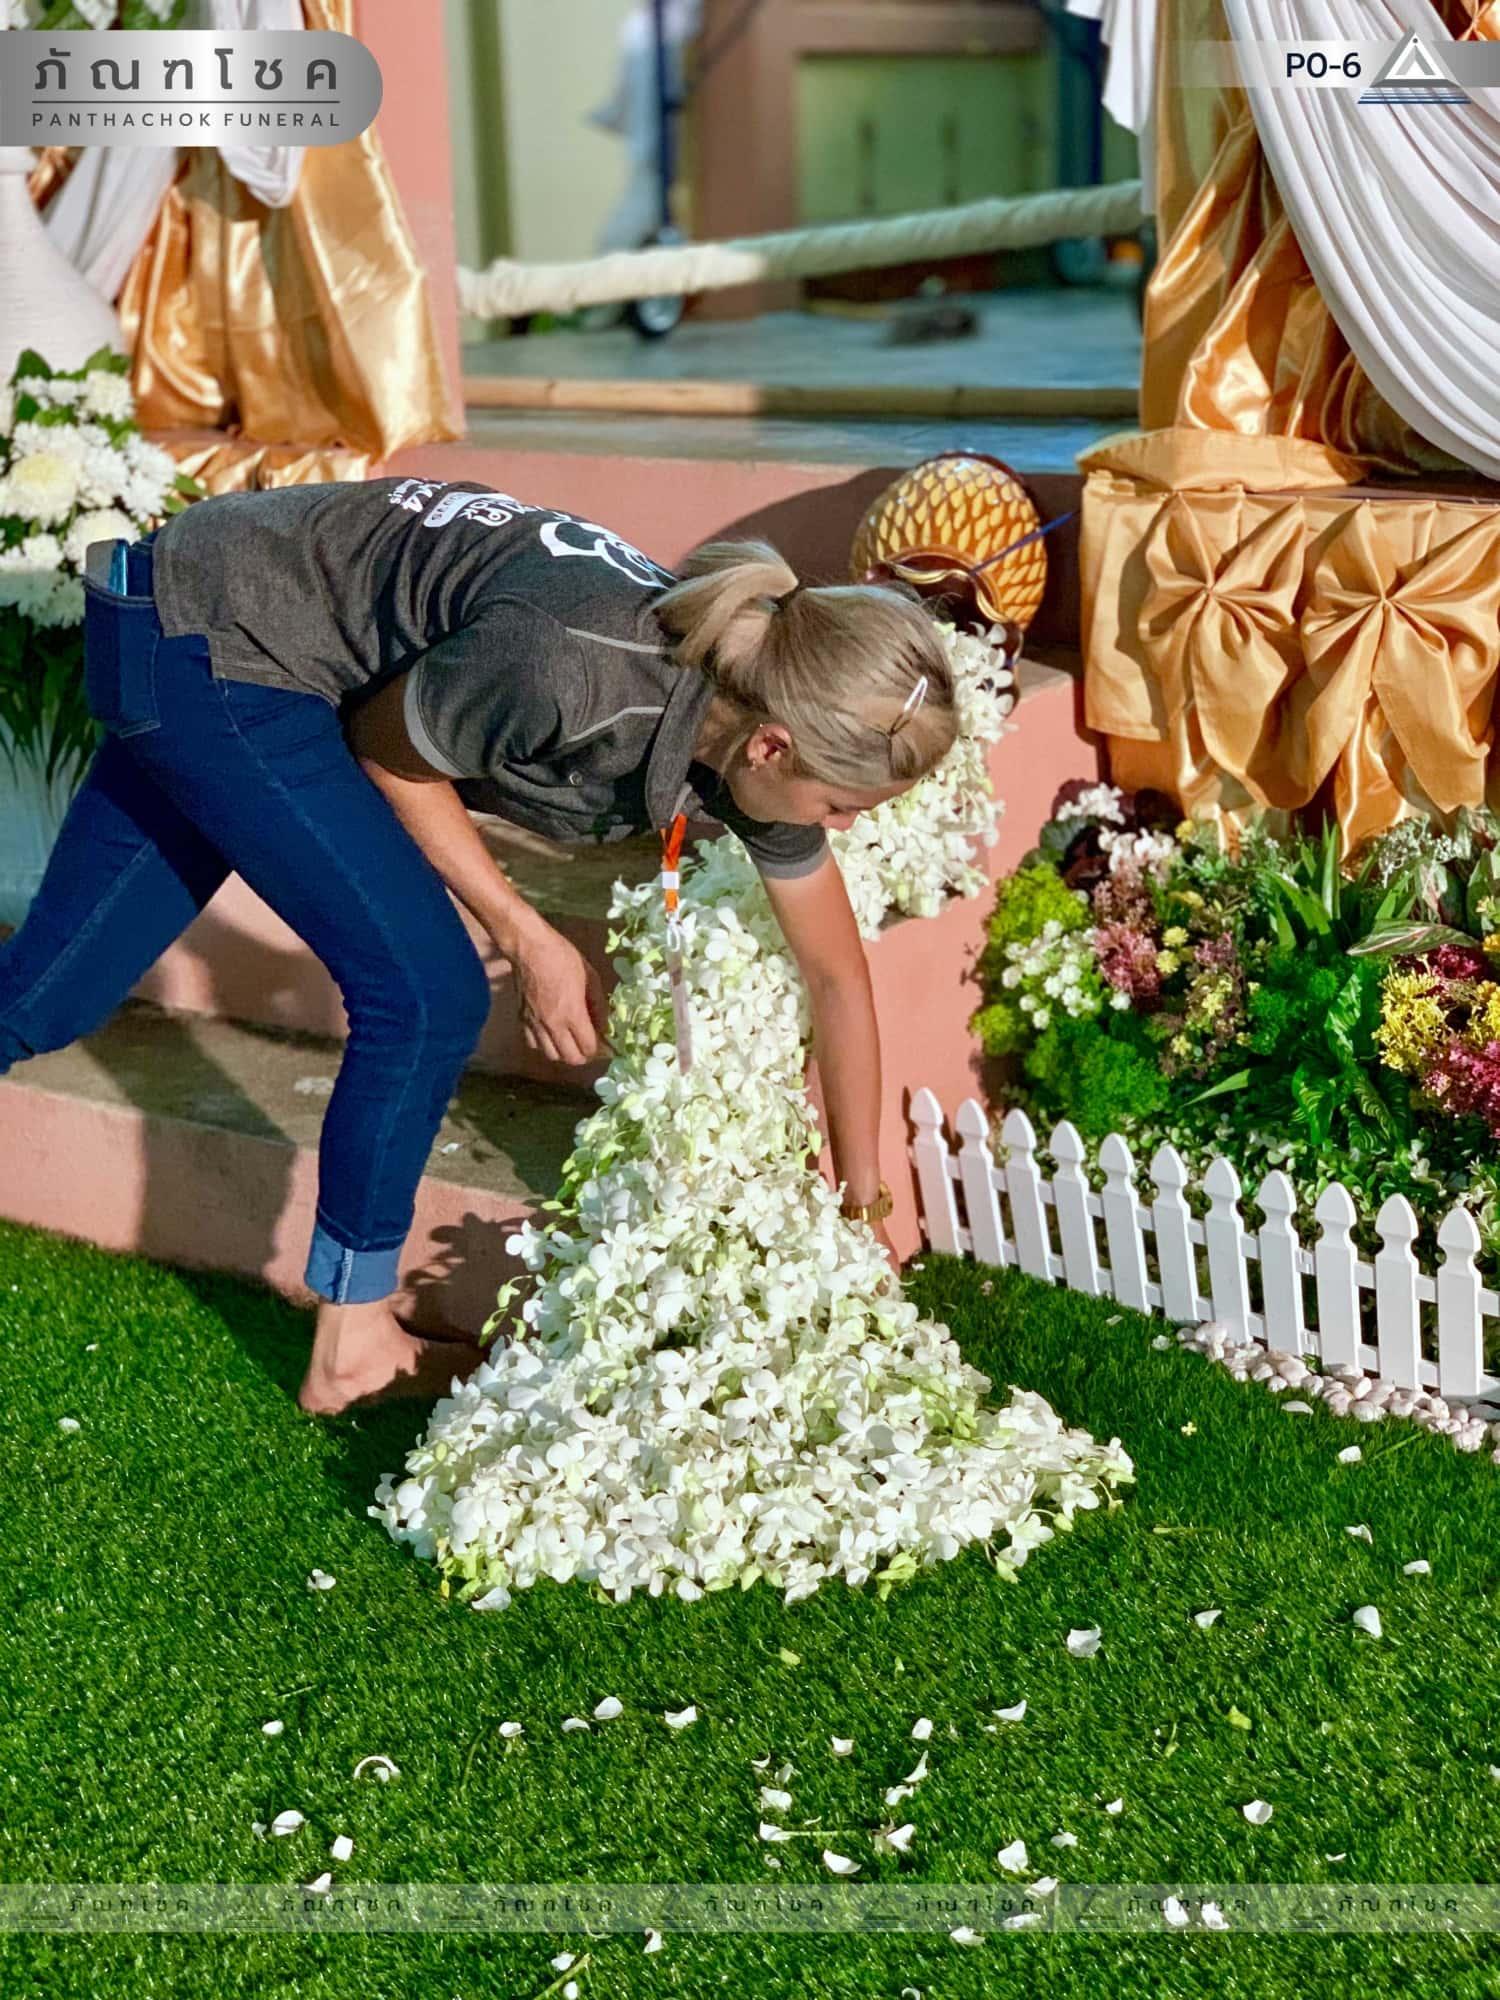 ดอกไม้ประดับเมรุ ชุด P0-6 144